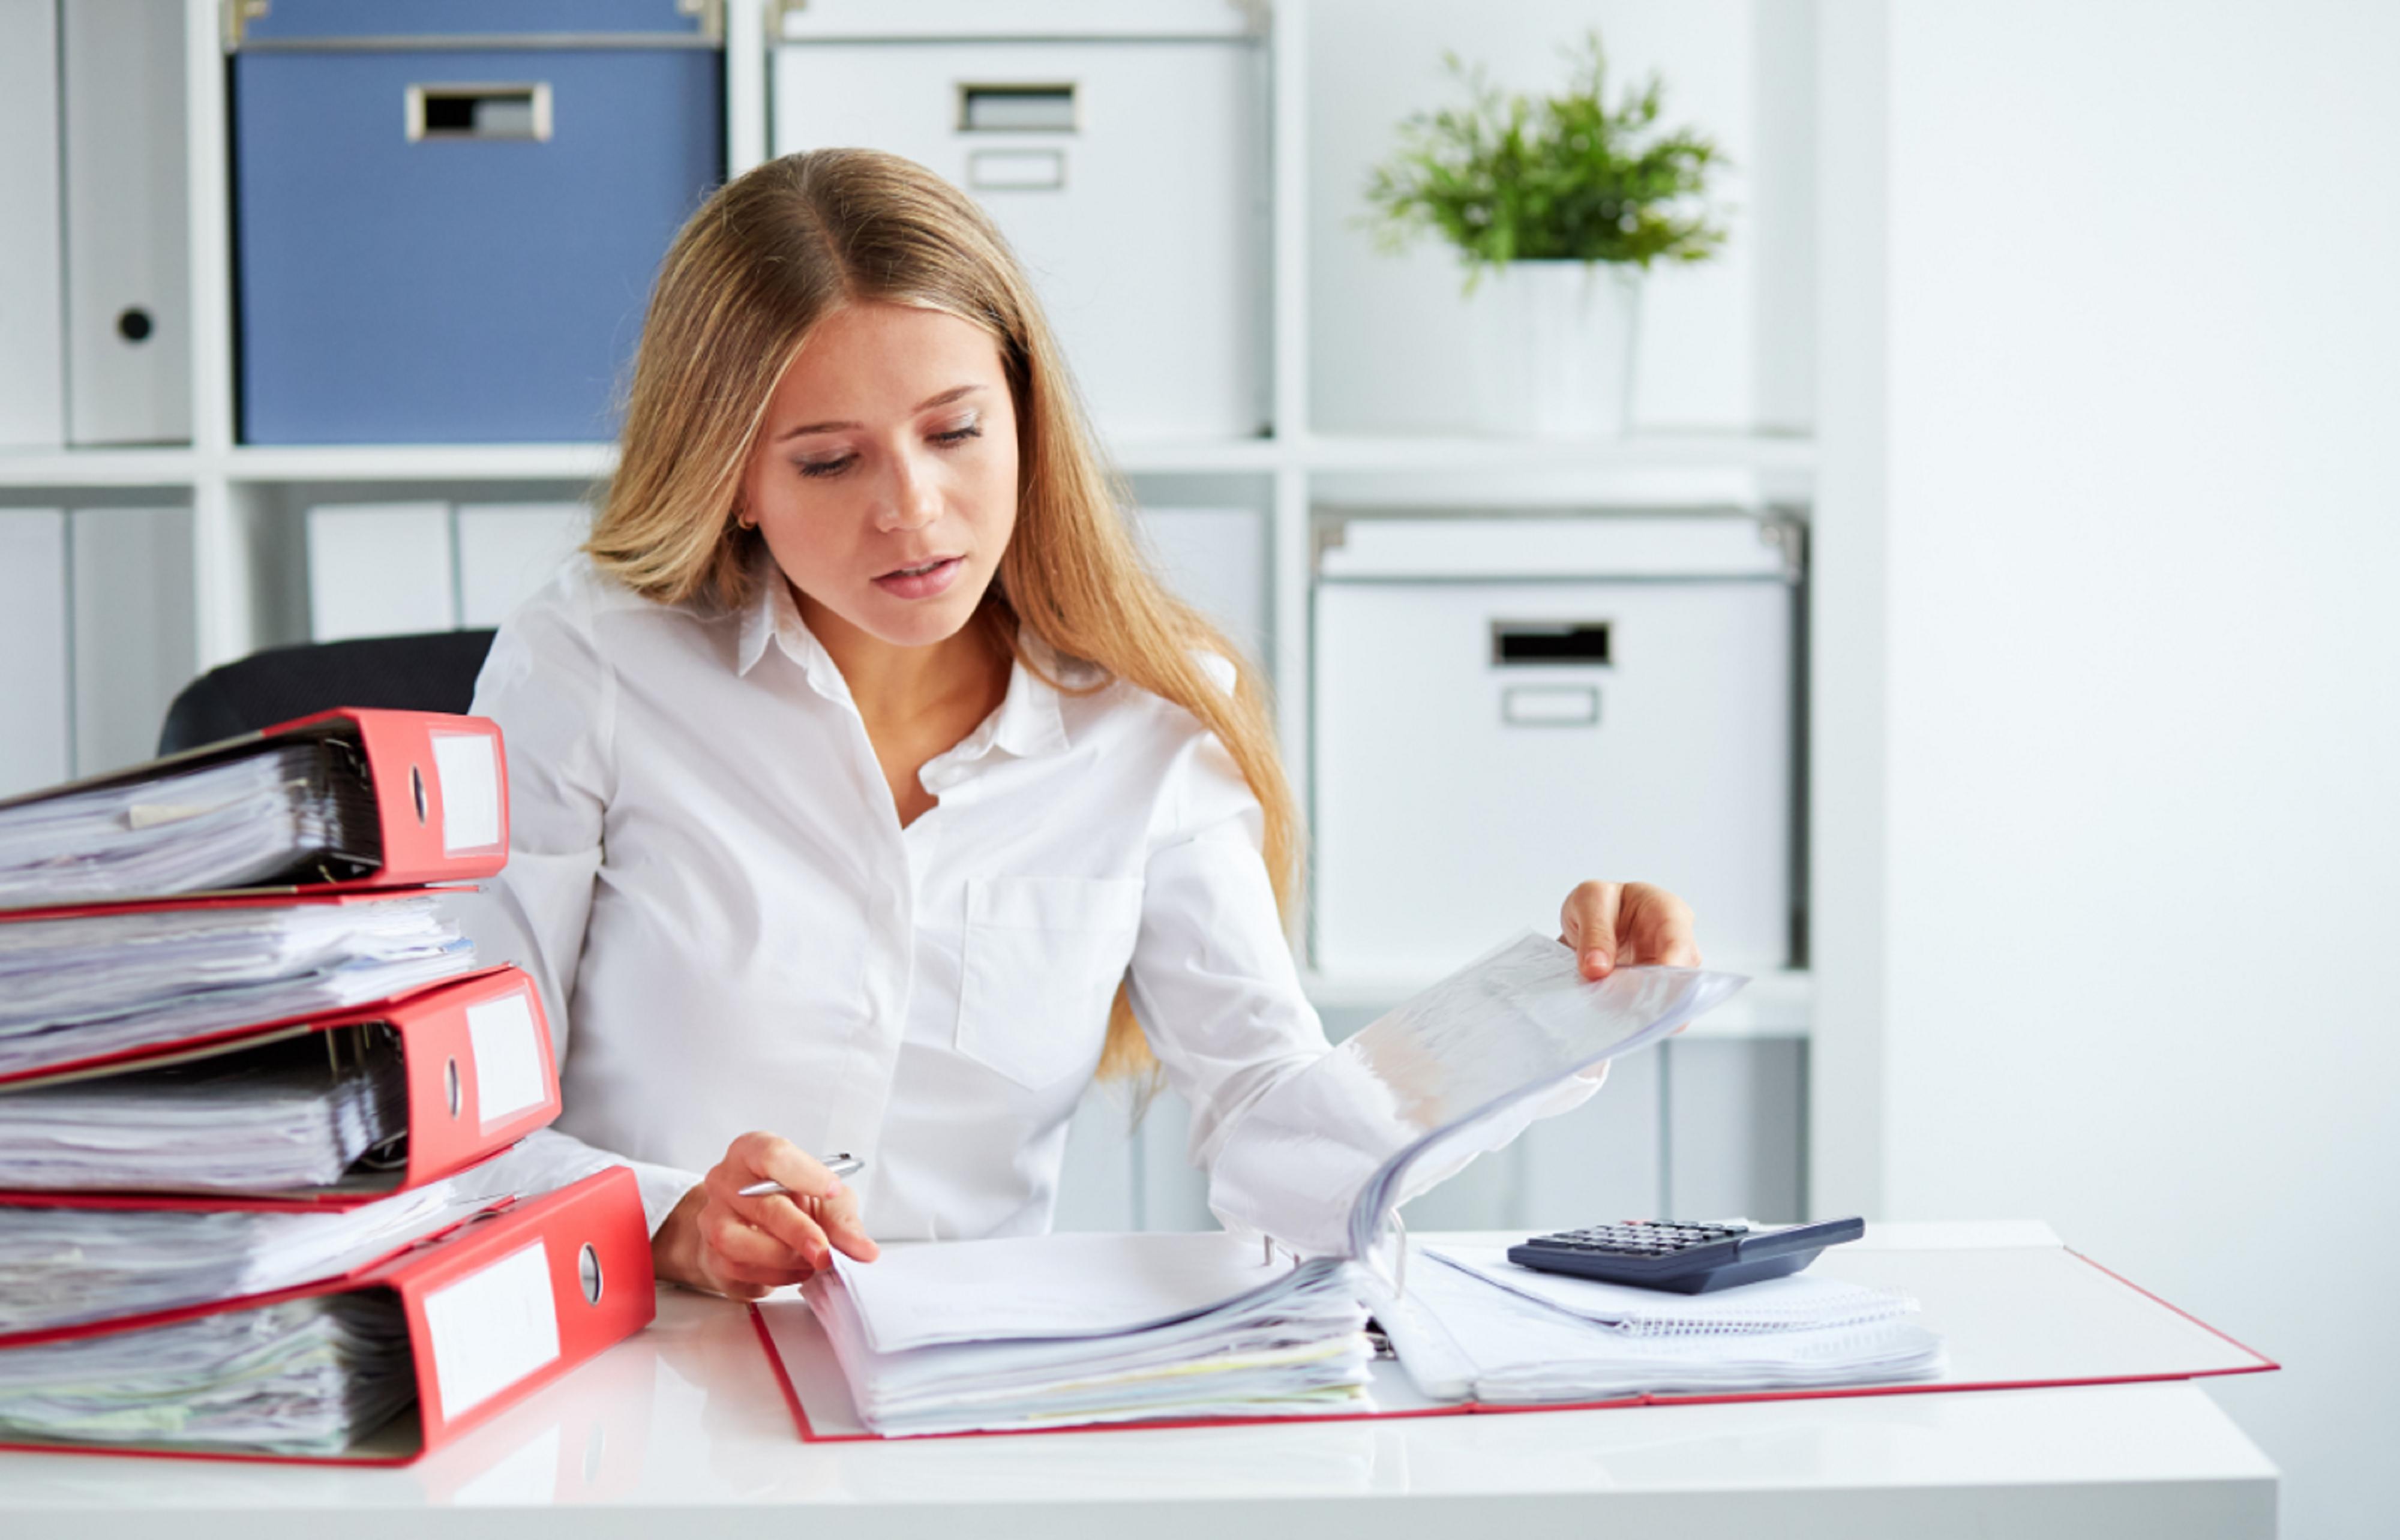 Frau mit Dokumenten am Schreibtisch sitzend